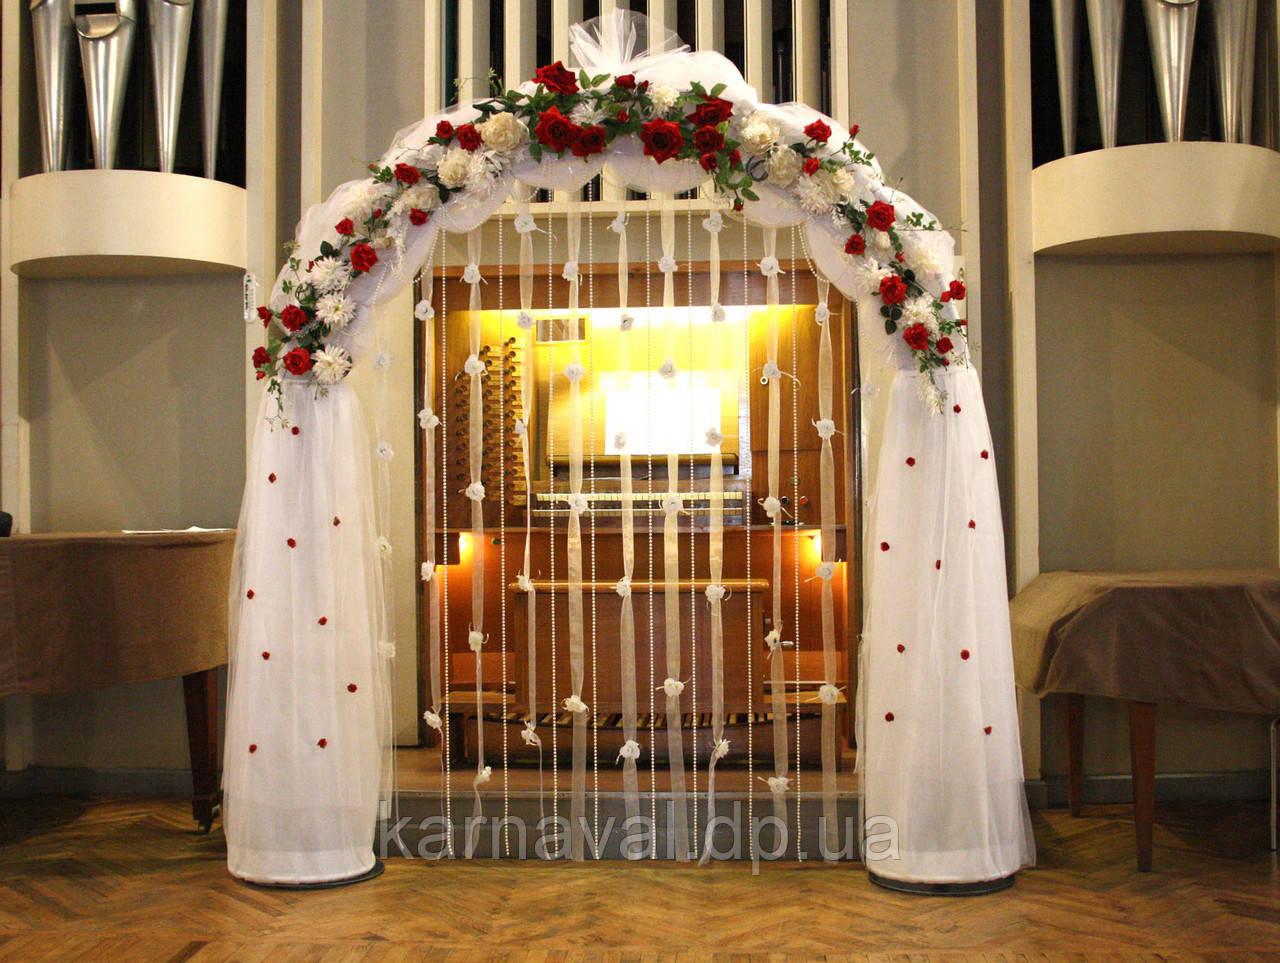 Свадебные арки из искусственных цветов